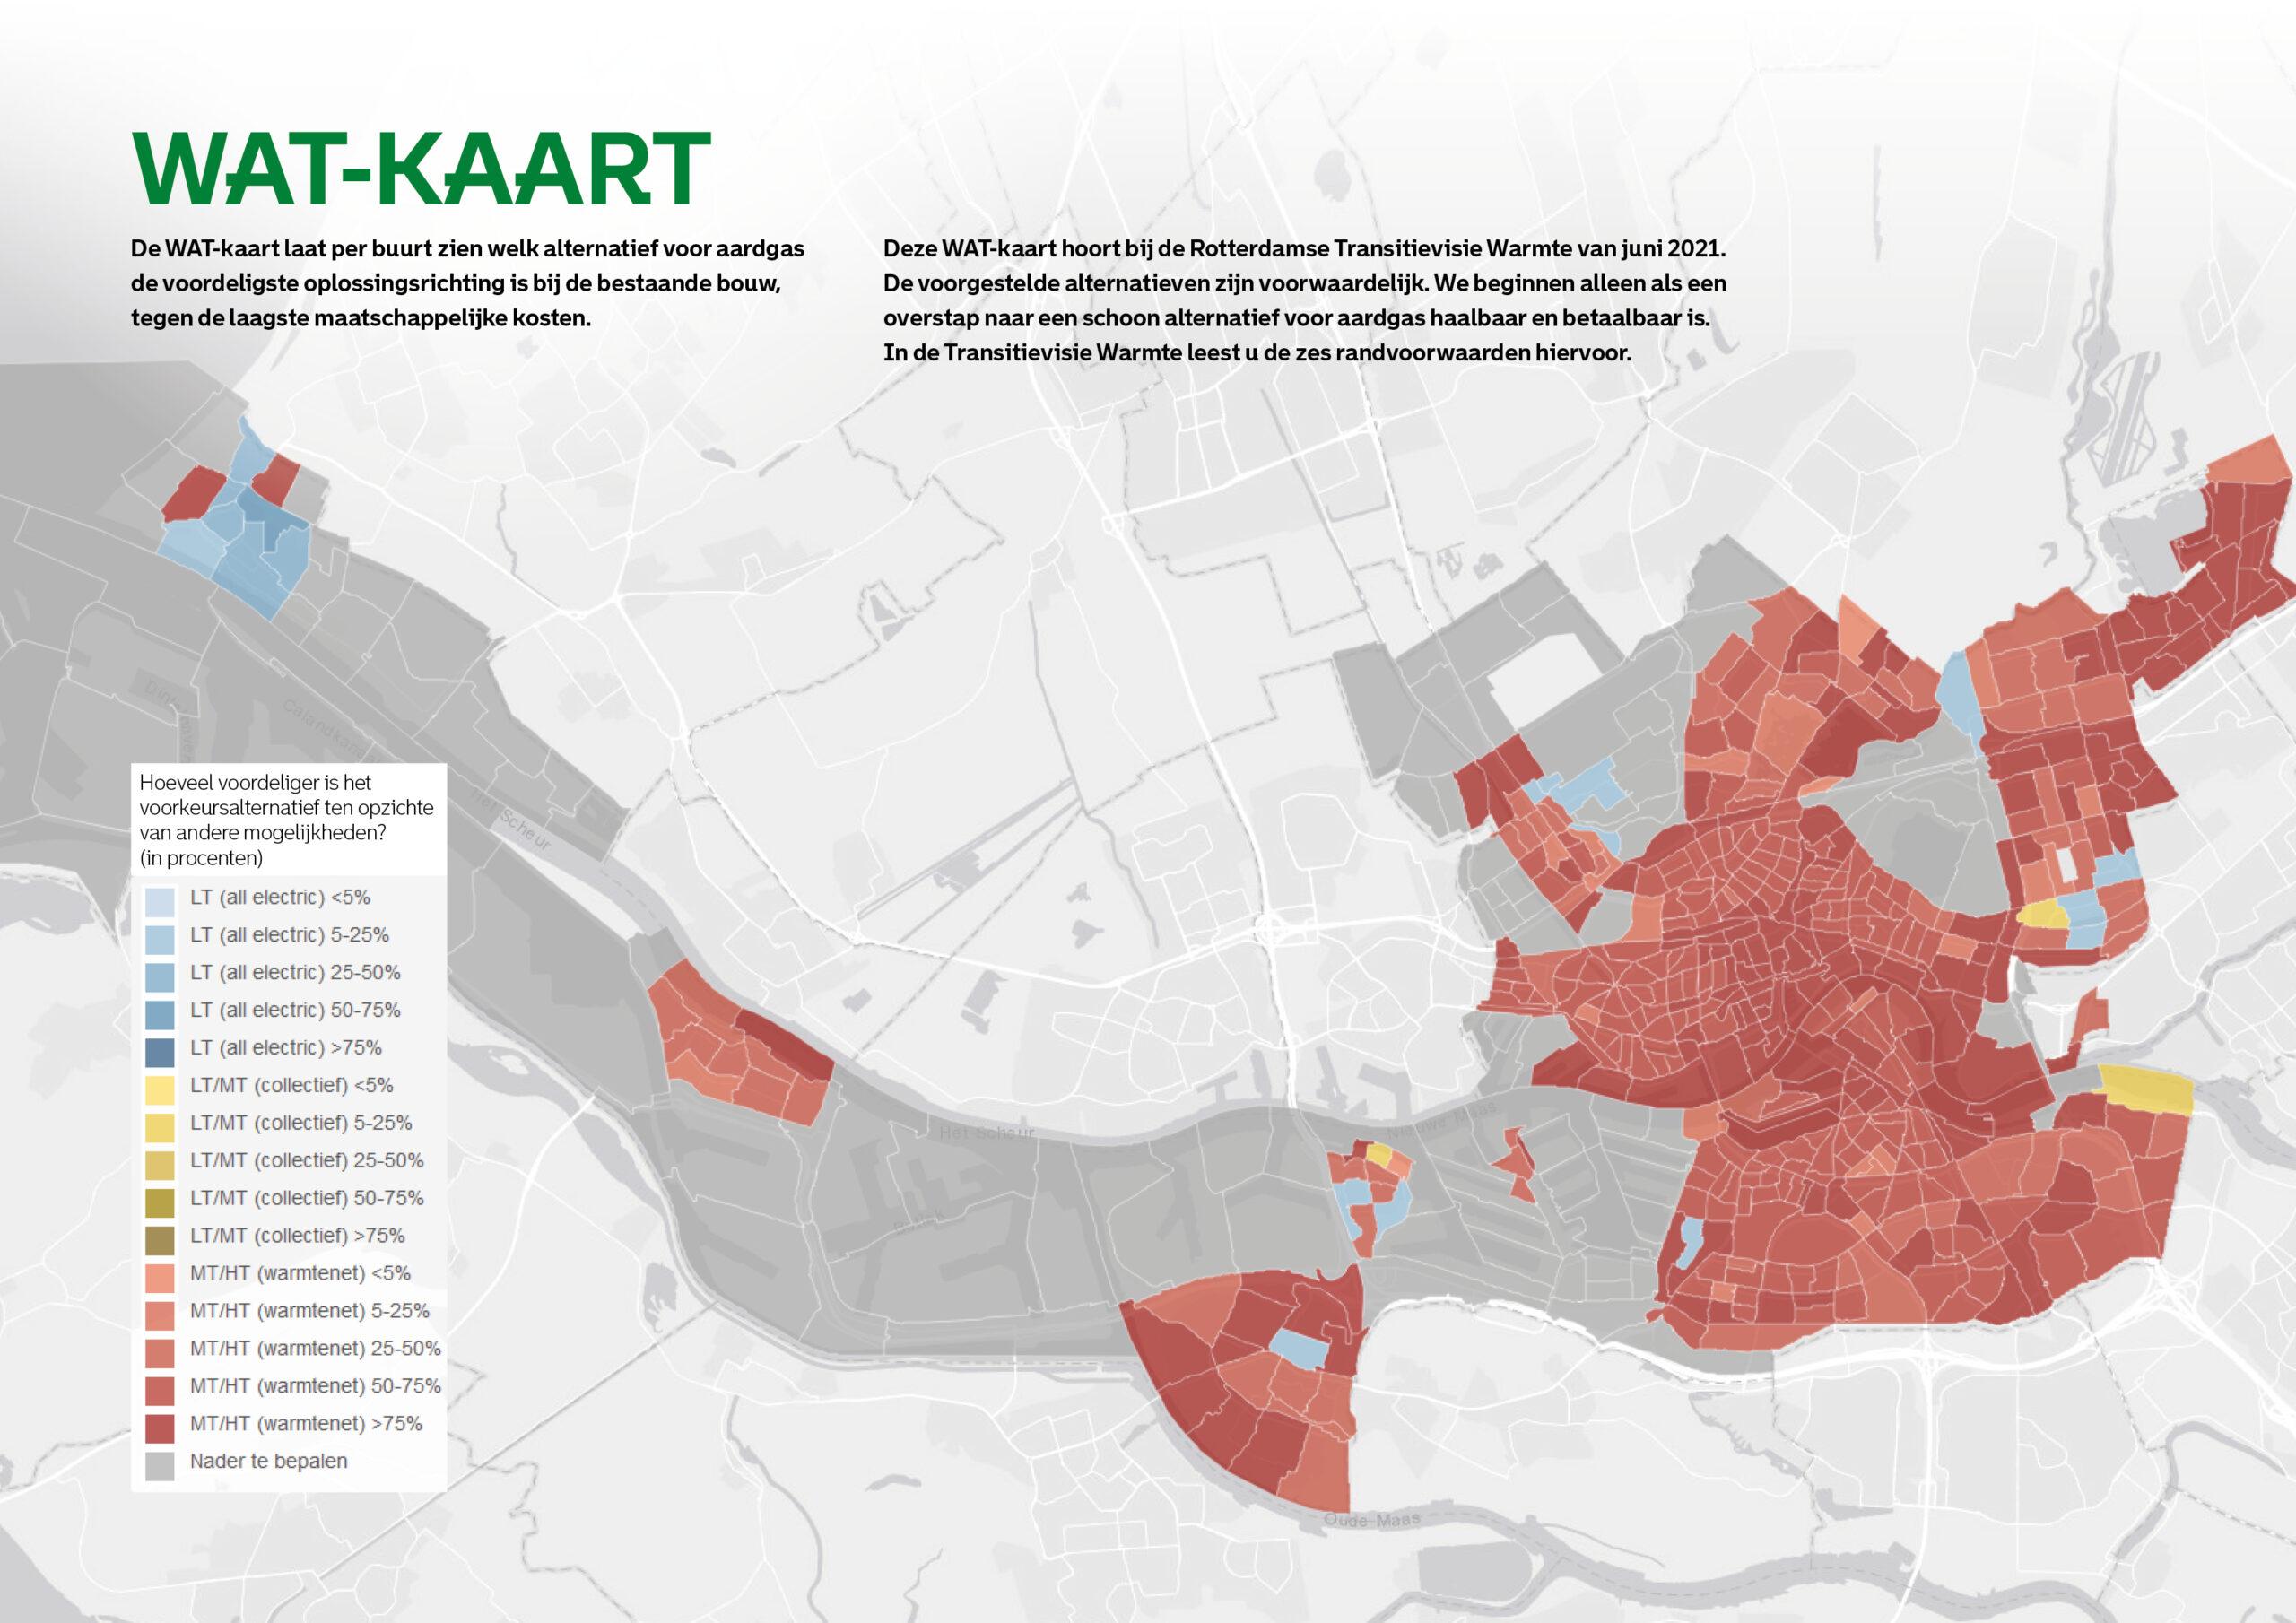 De WAT-kaart: welke aardgasvrije oplossing is het voordeligst per wijk?